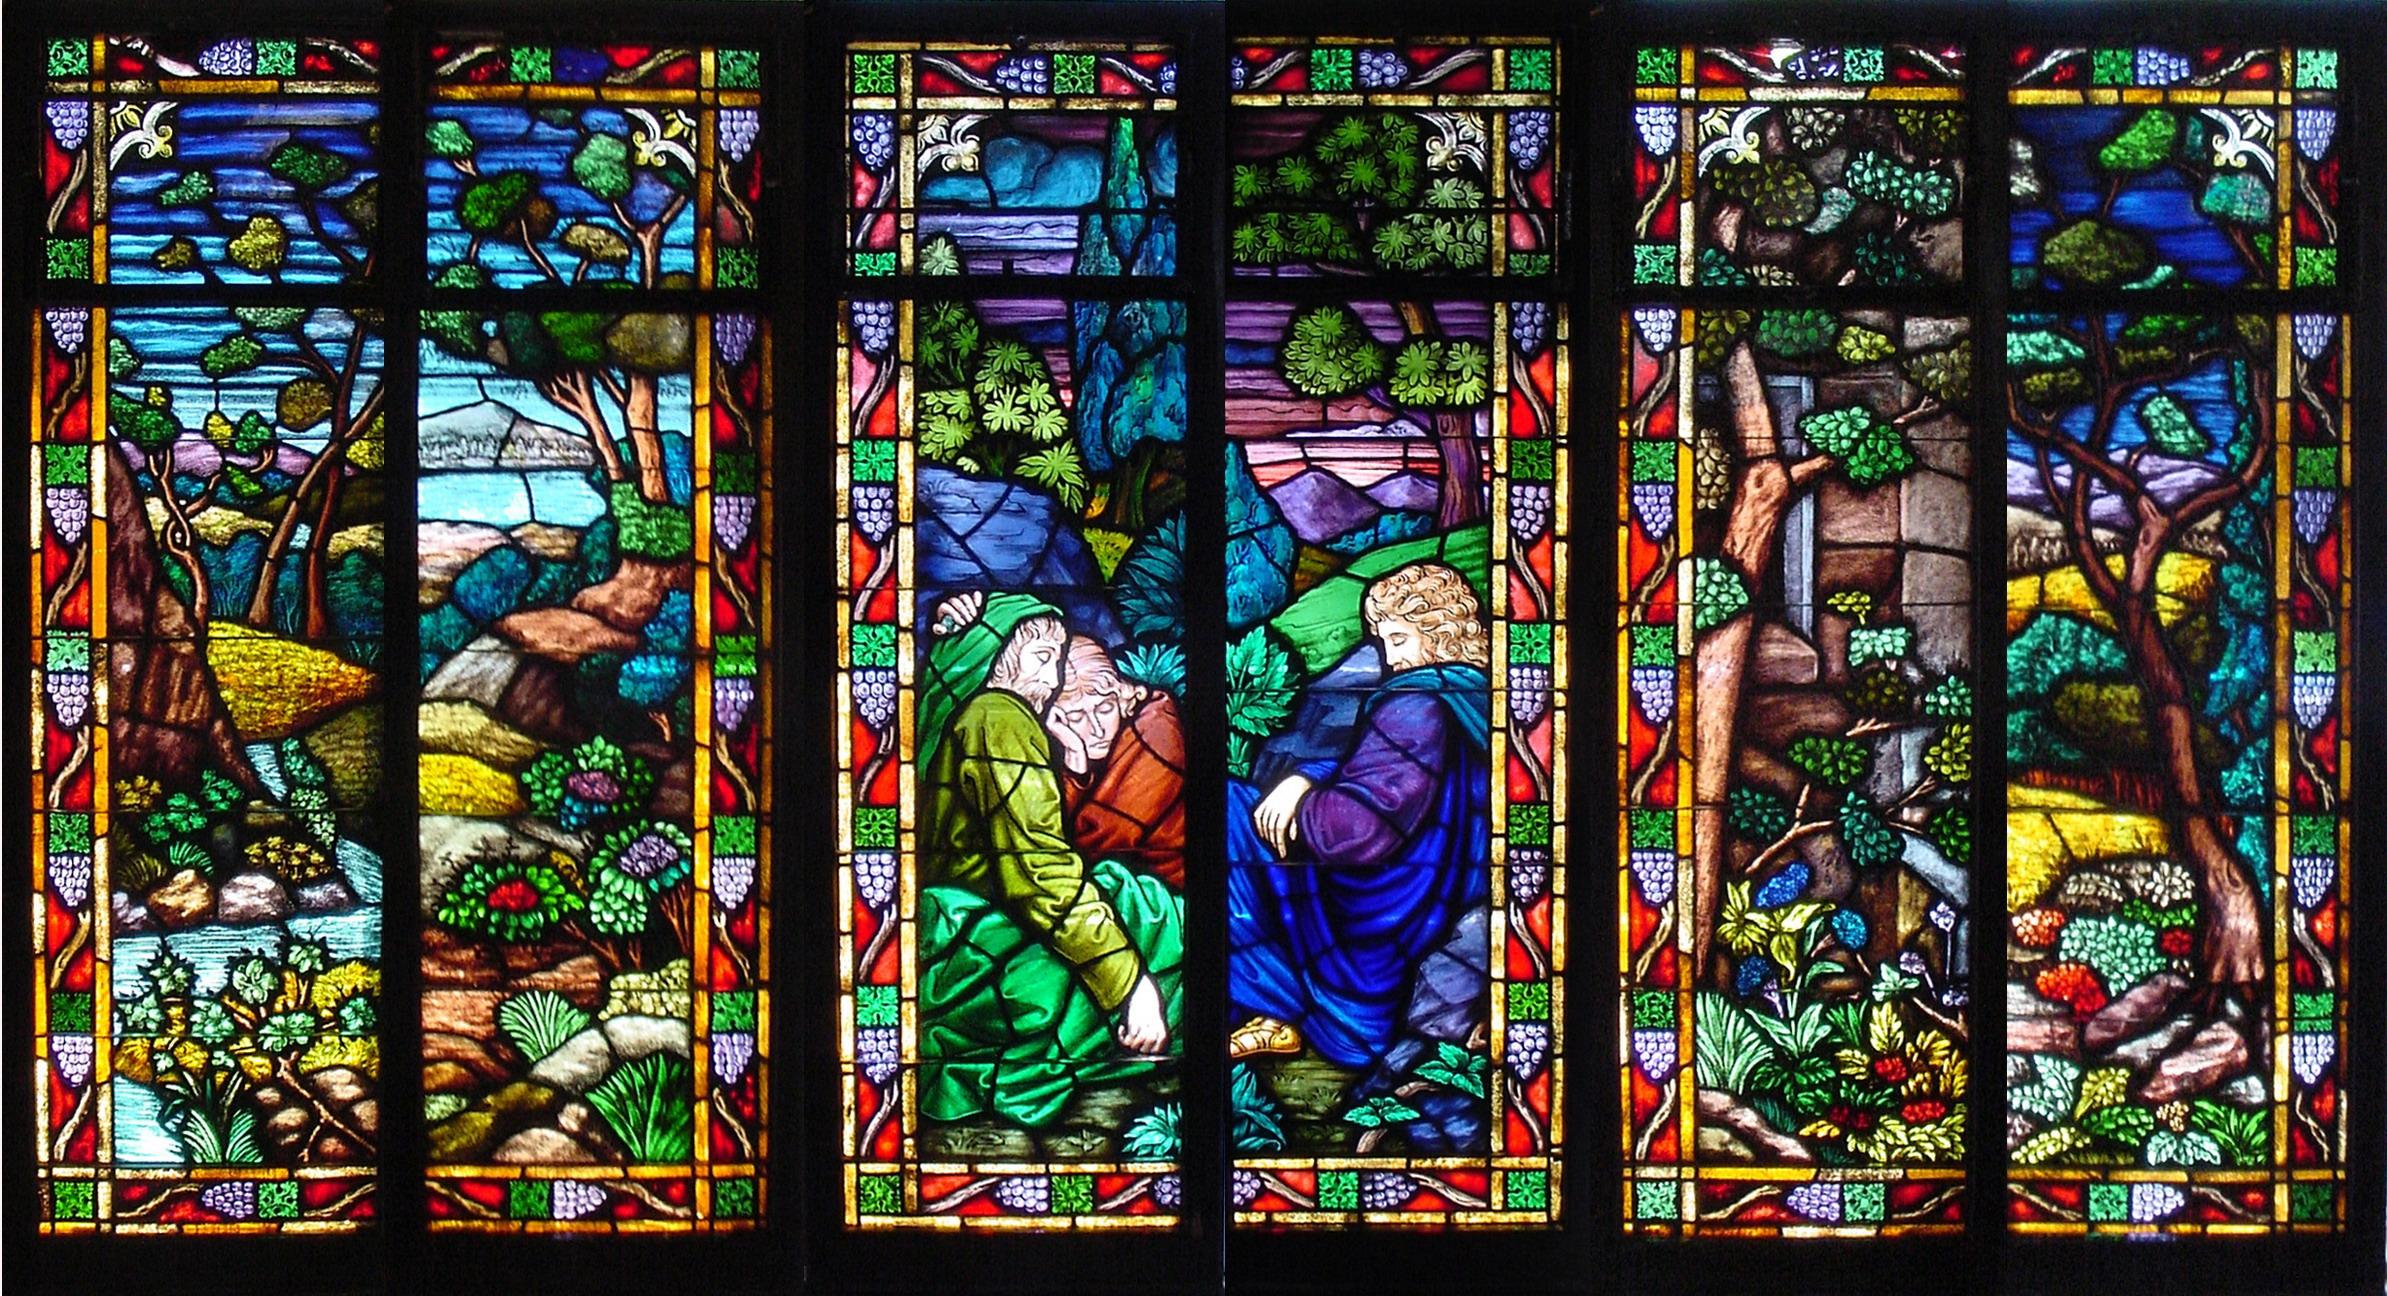 Stained Glass Art Window Bokeh D Wallpaper 2387x1296 182551 Wallpaperup